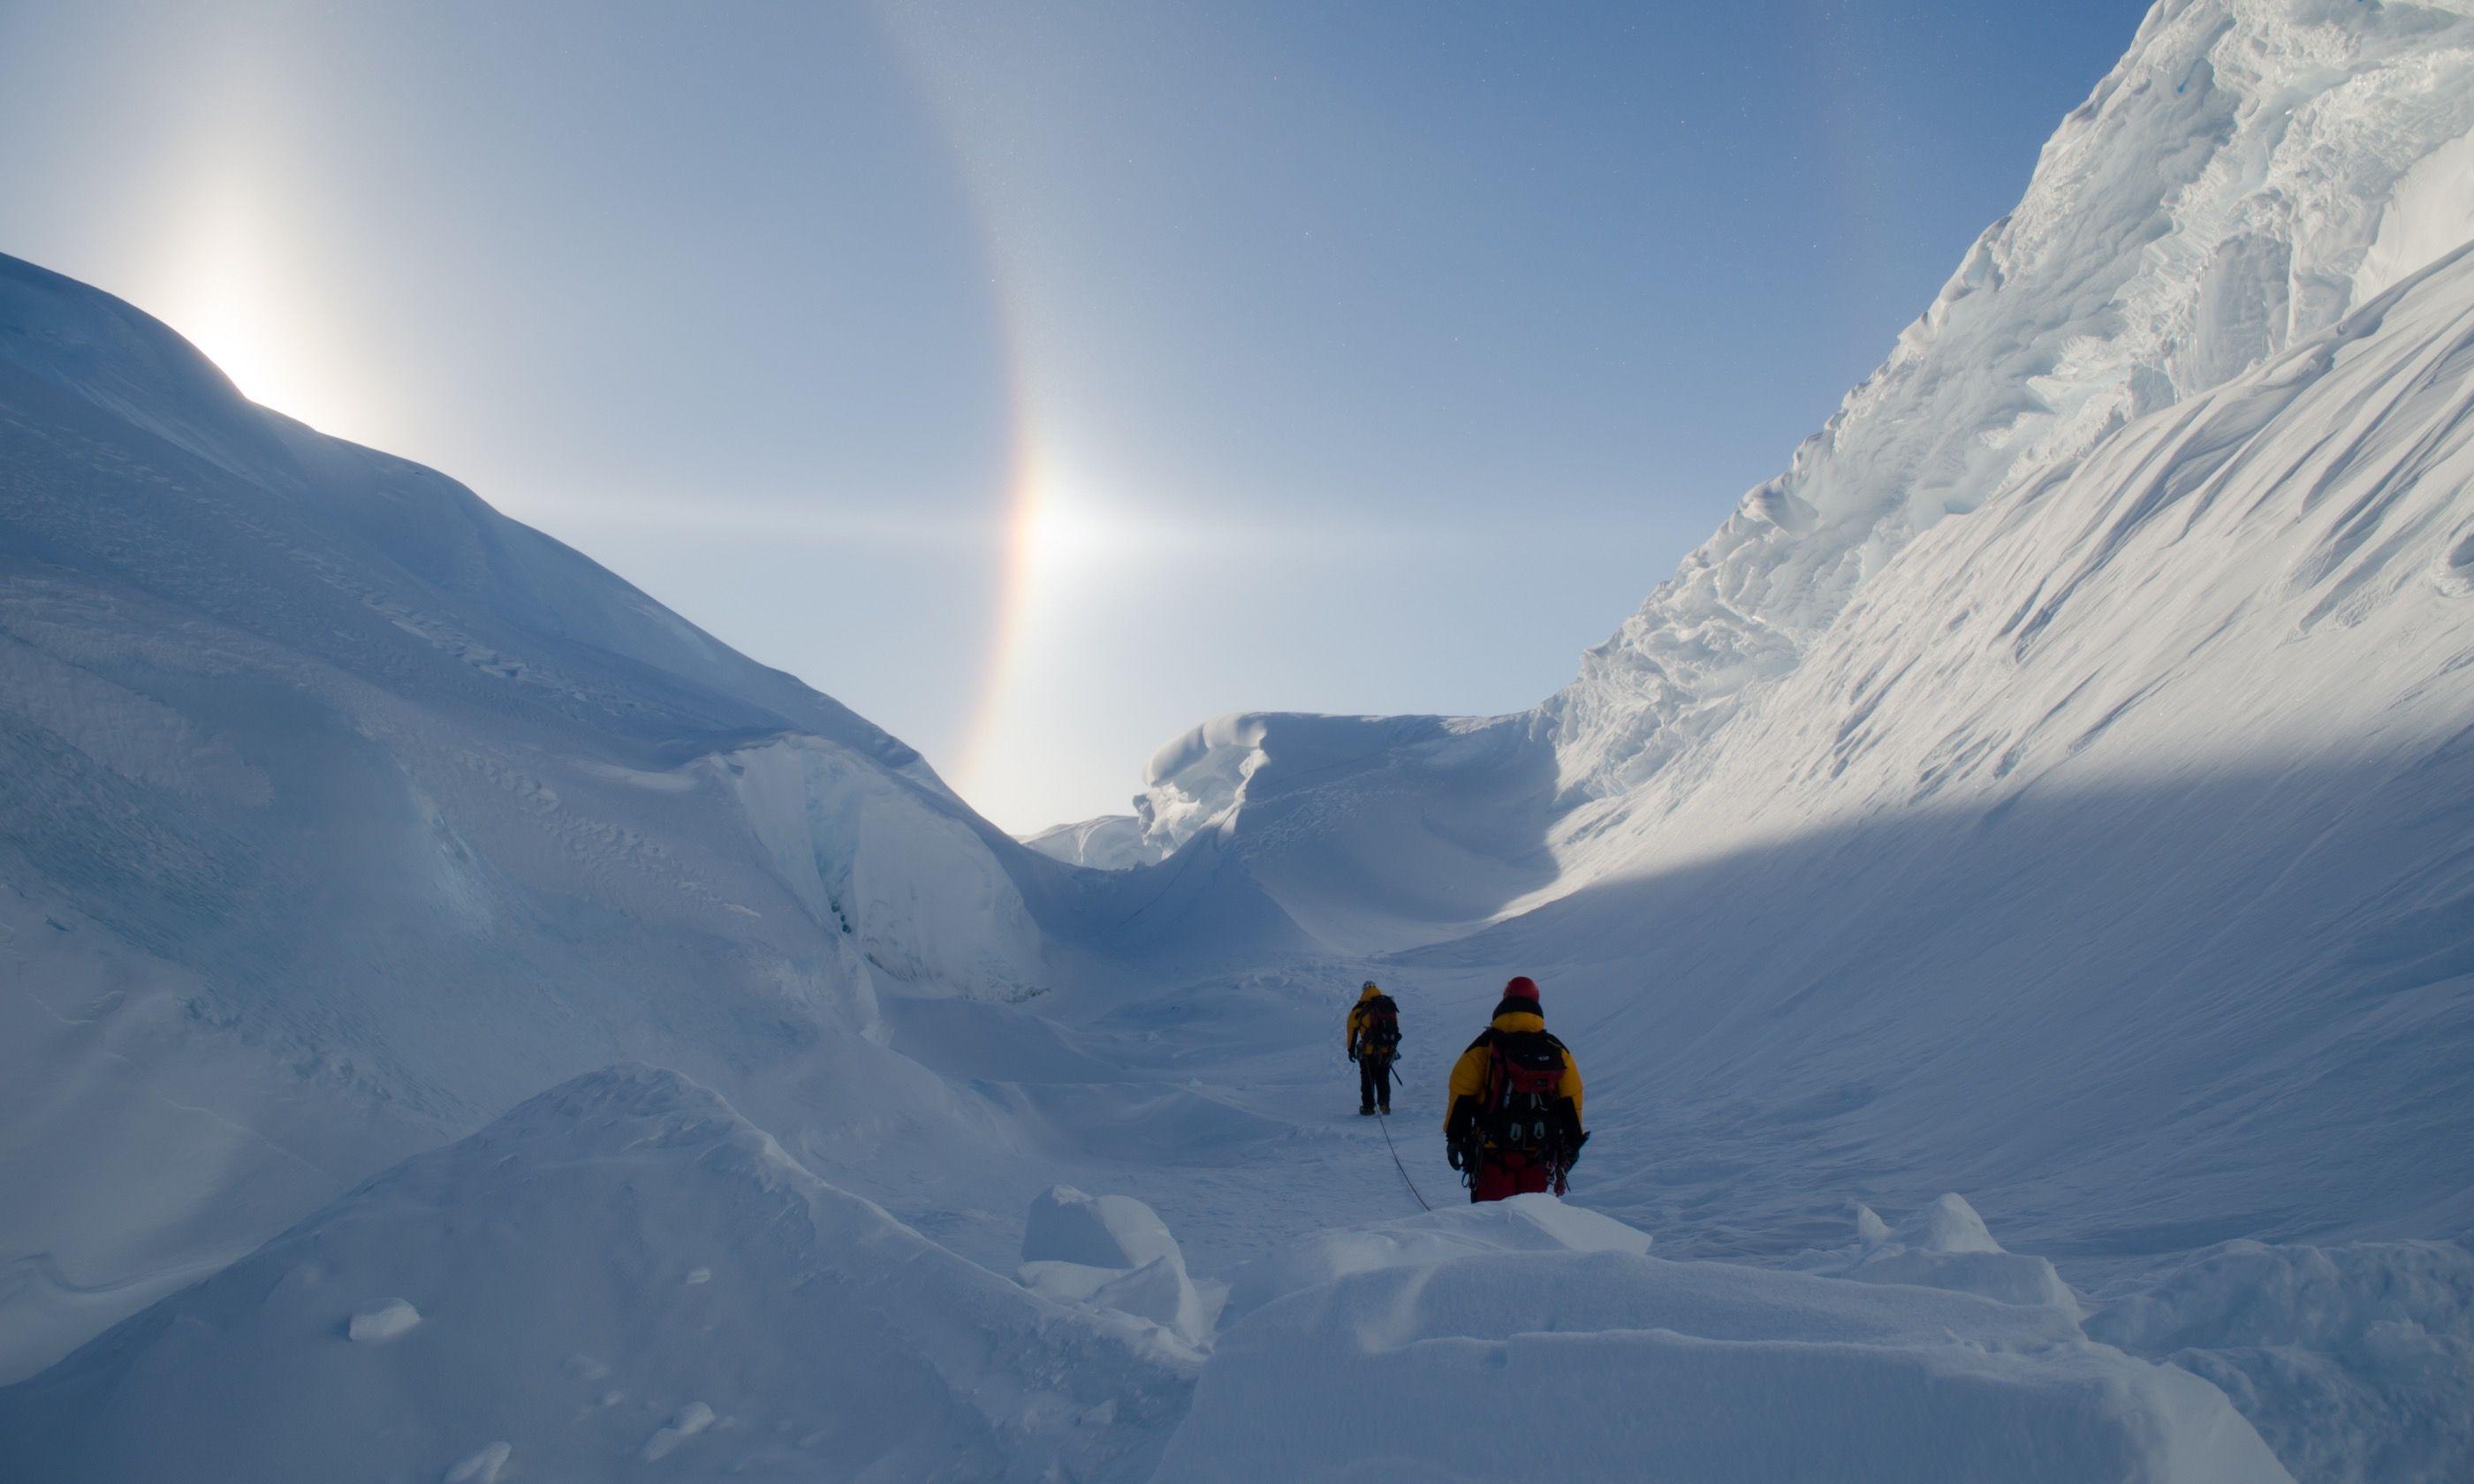 Solitude in Antarctica (Shutterstock.com)